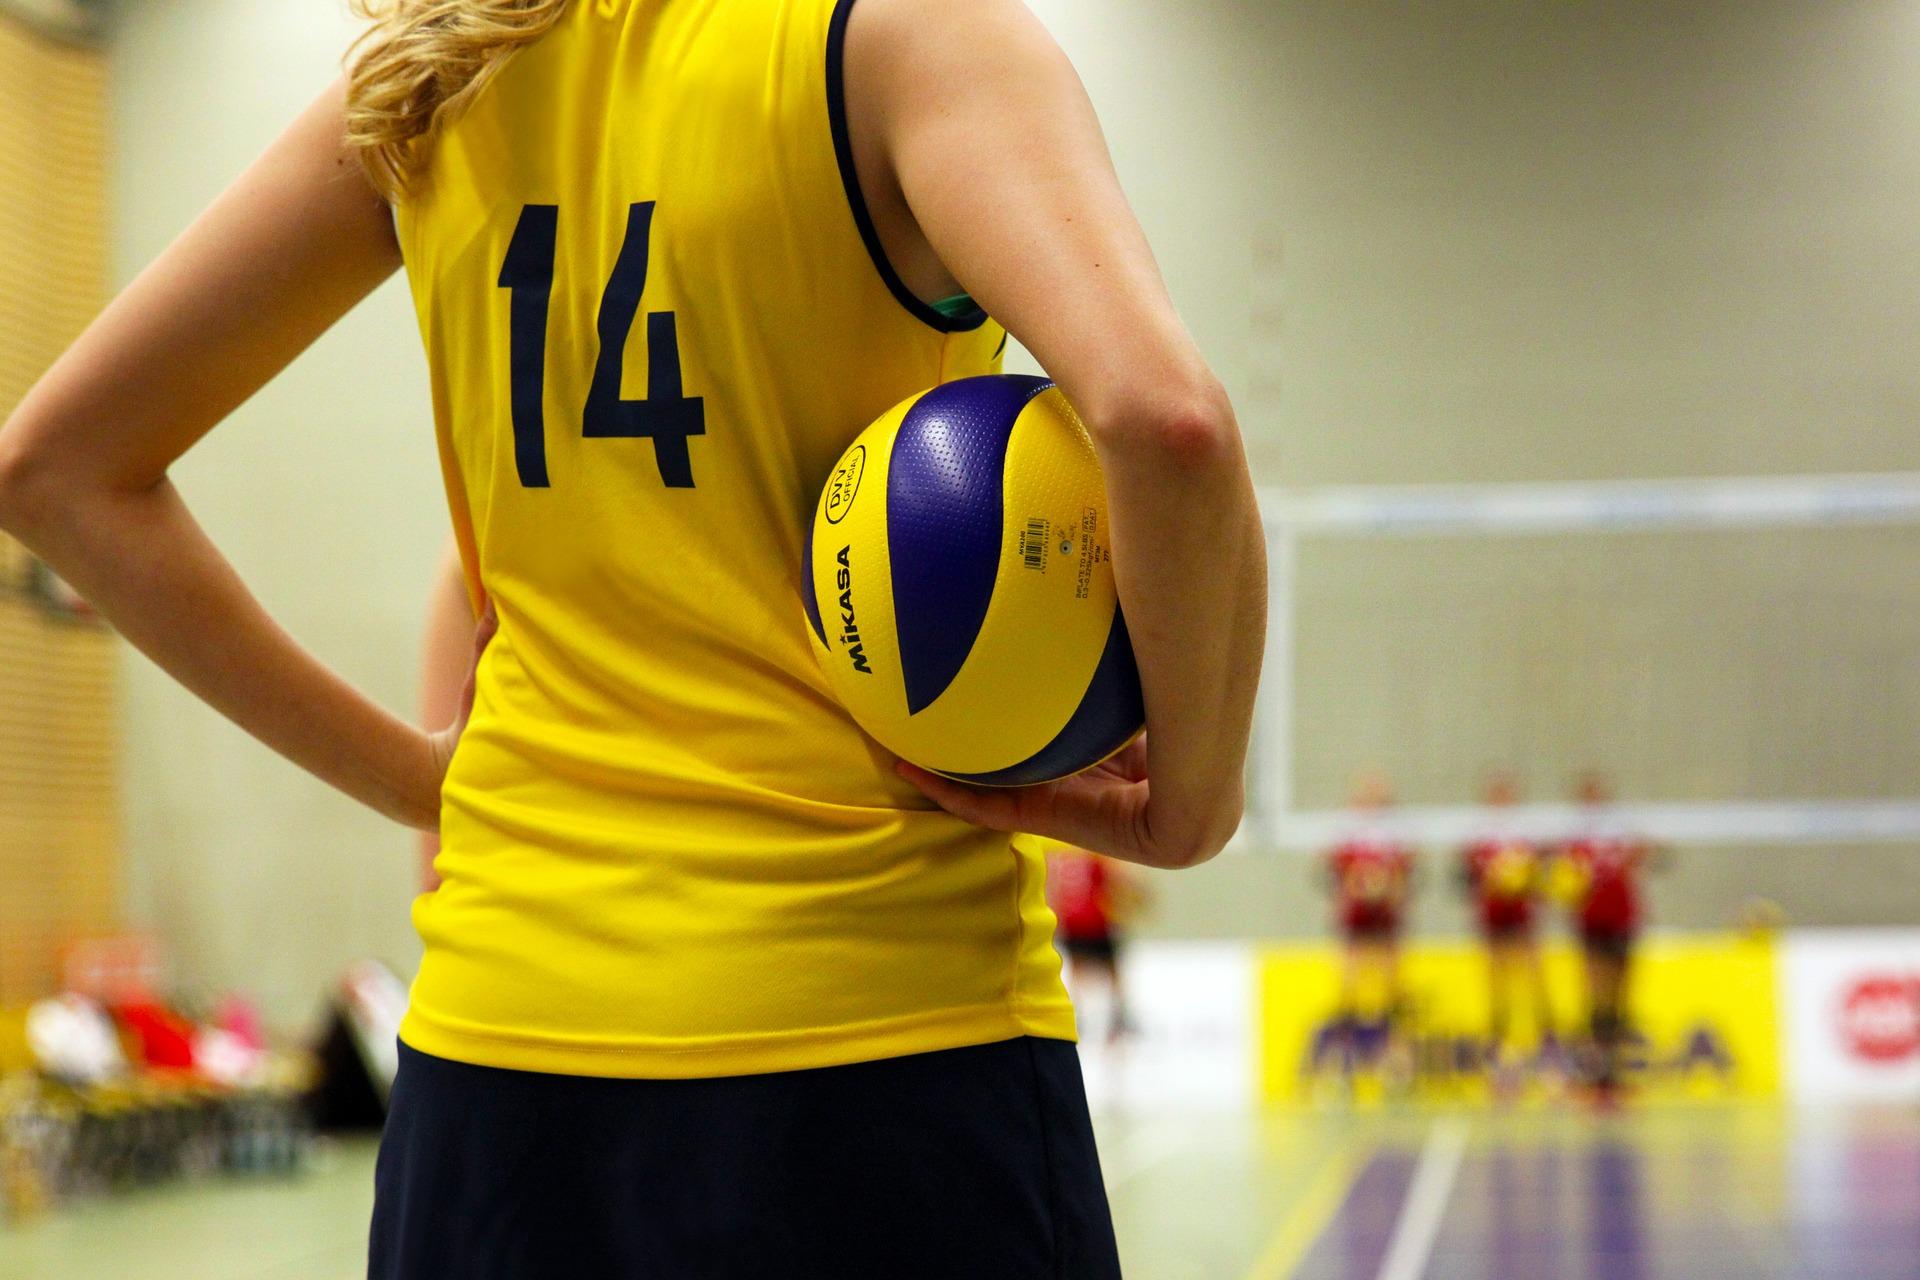 Волейбольная команда Плехановского университета объявила дату отбора спортсменов в сборную. Фото: pixabay.com